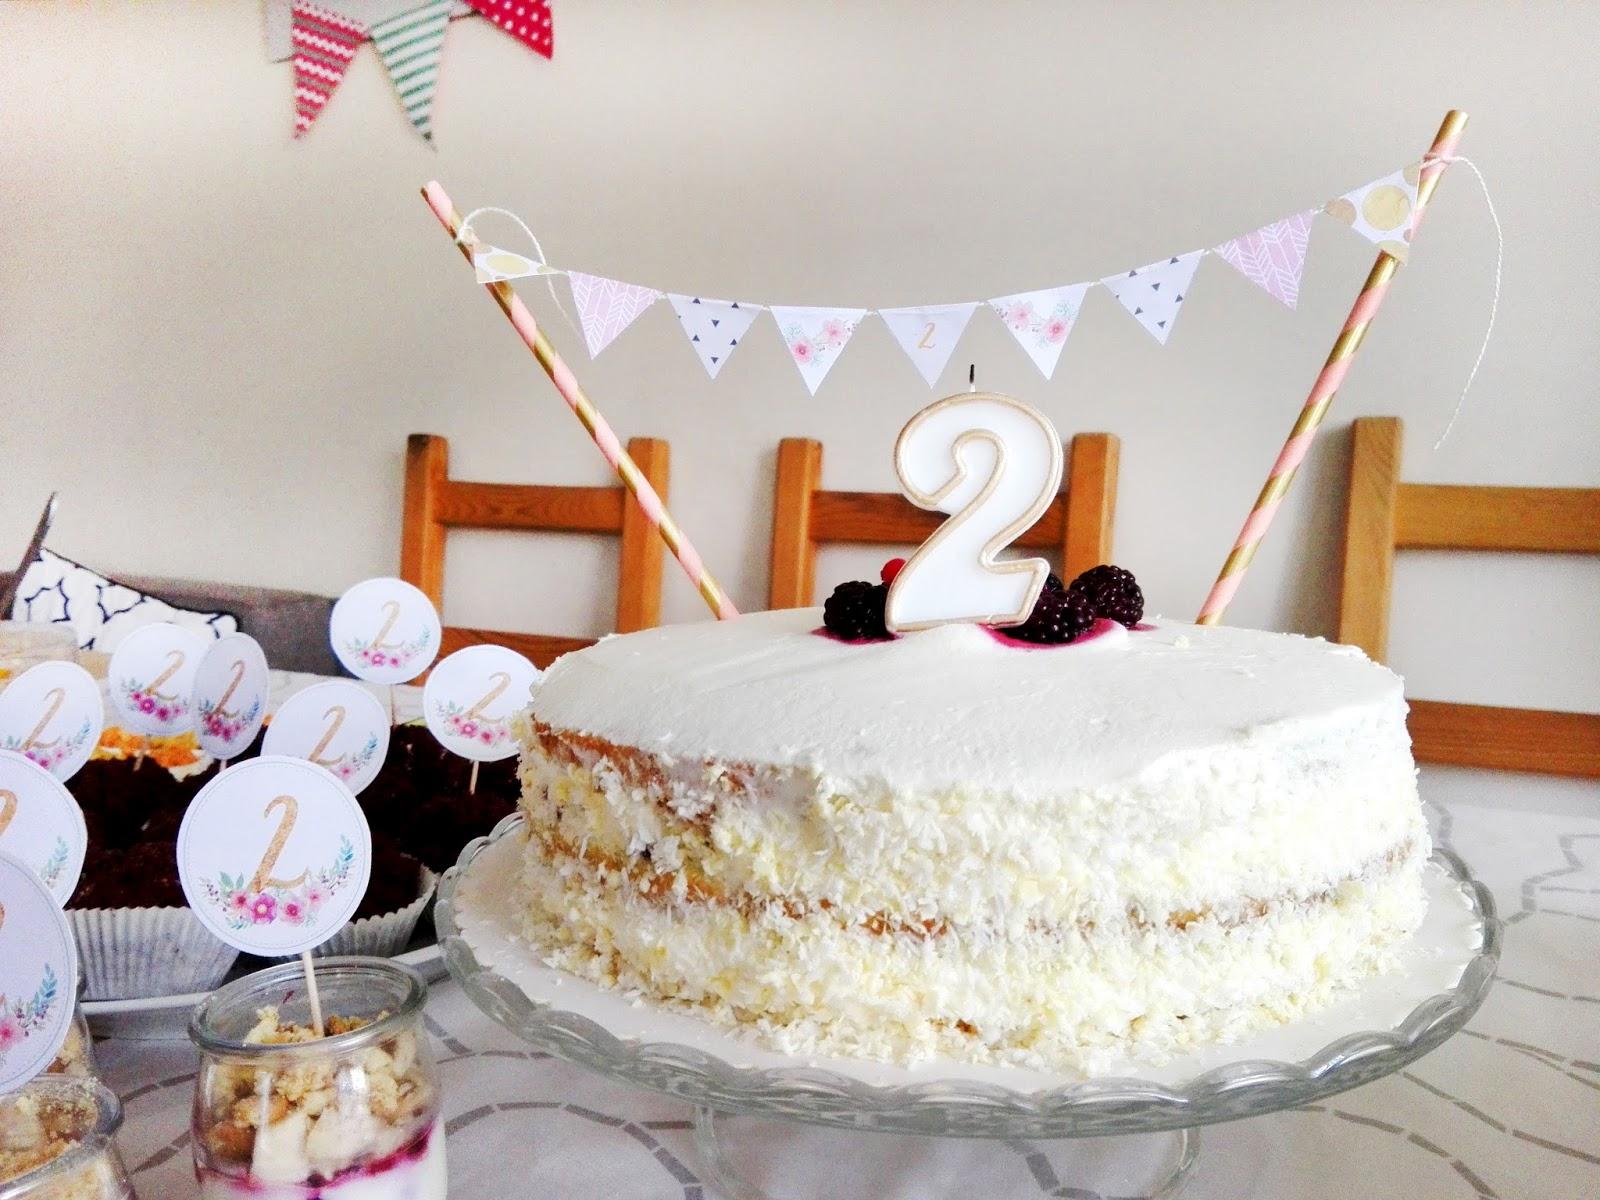 cake toppers, toppers, ciasto, tort, urodziny, birthday, birthdayparty, birthdaydecor, dwa latka, dwulatek, dekoracje, birthday cake, hancymonka, flowers, birthdaygirl, inspiracje, urodzinki, diy, girlanda, girlanda na tort, dekoracja tortu